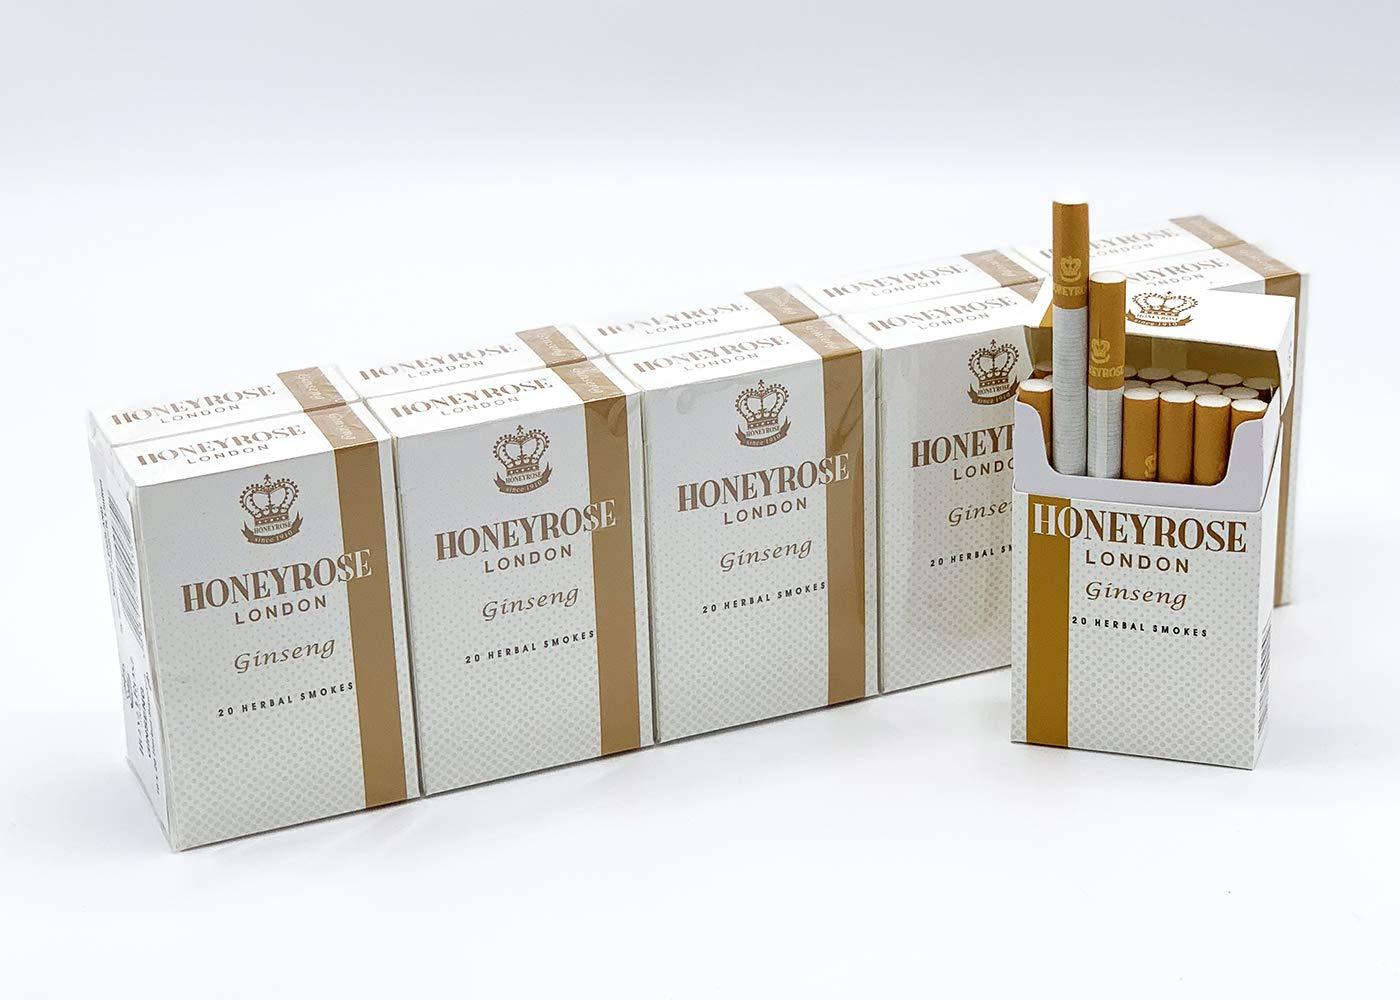 Honeyrose Ginseng - Tobacco & Nicotine Free Herbal Cigarettes